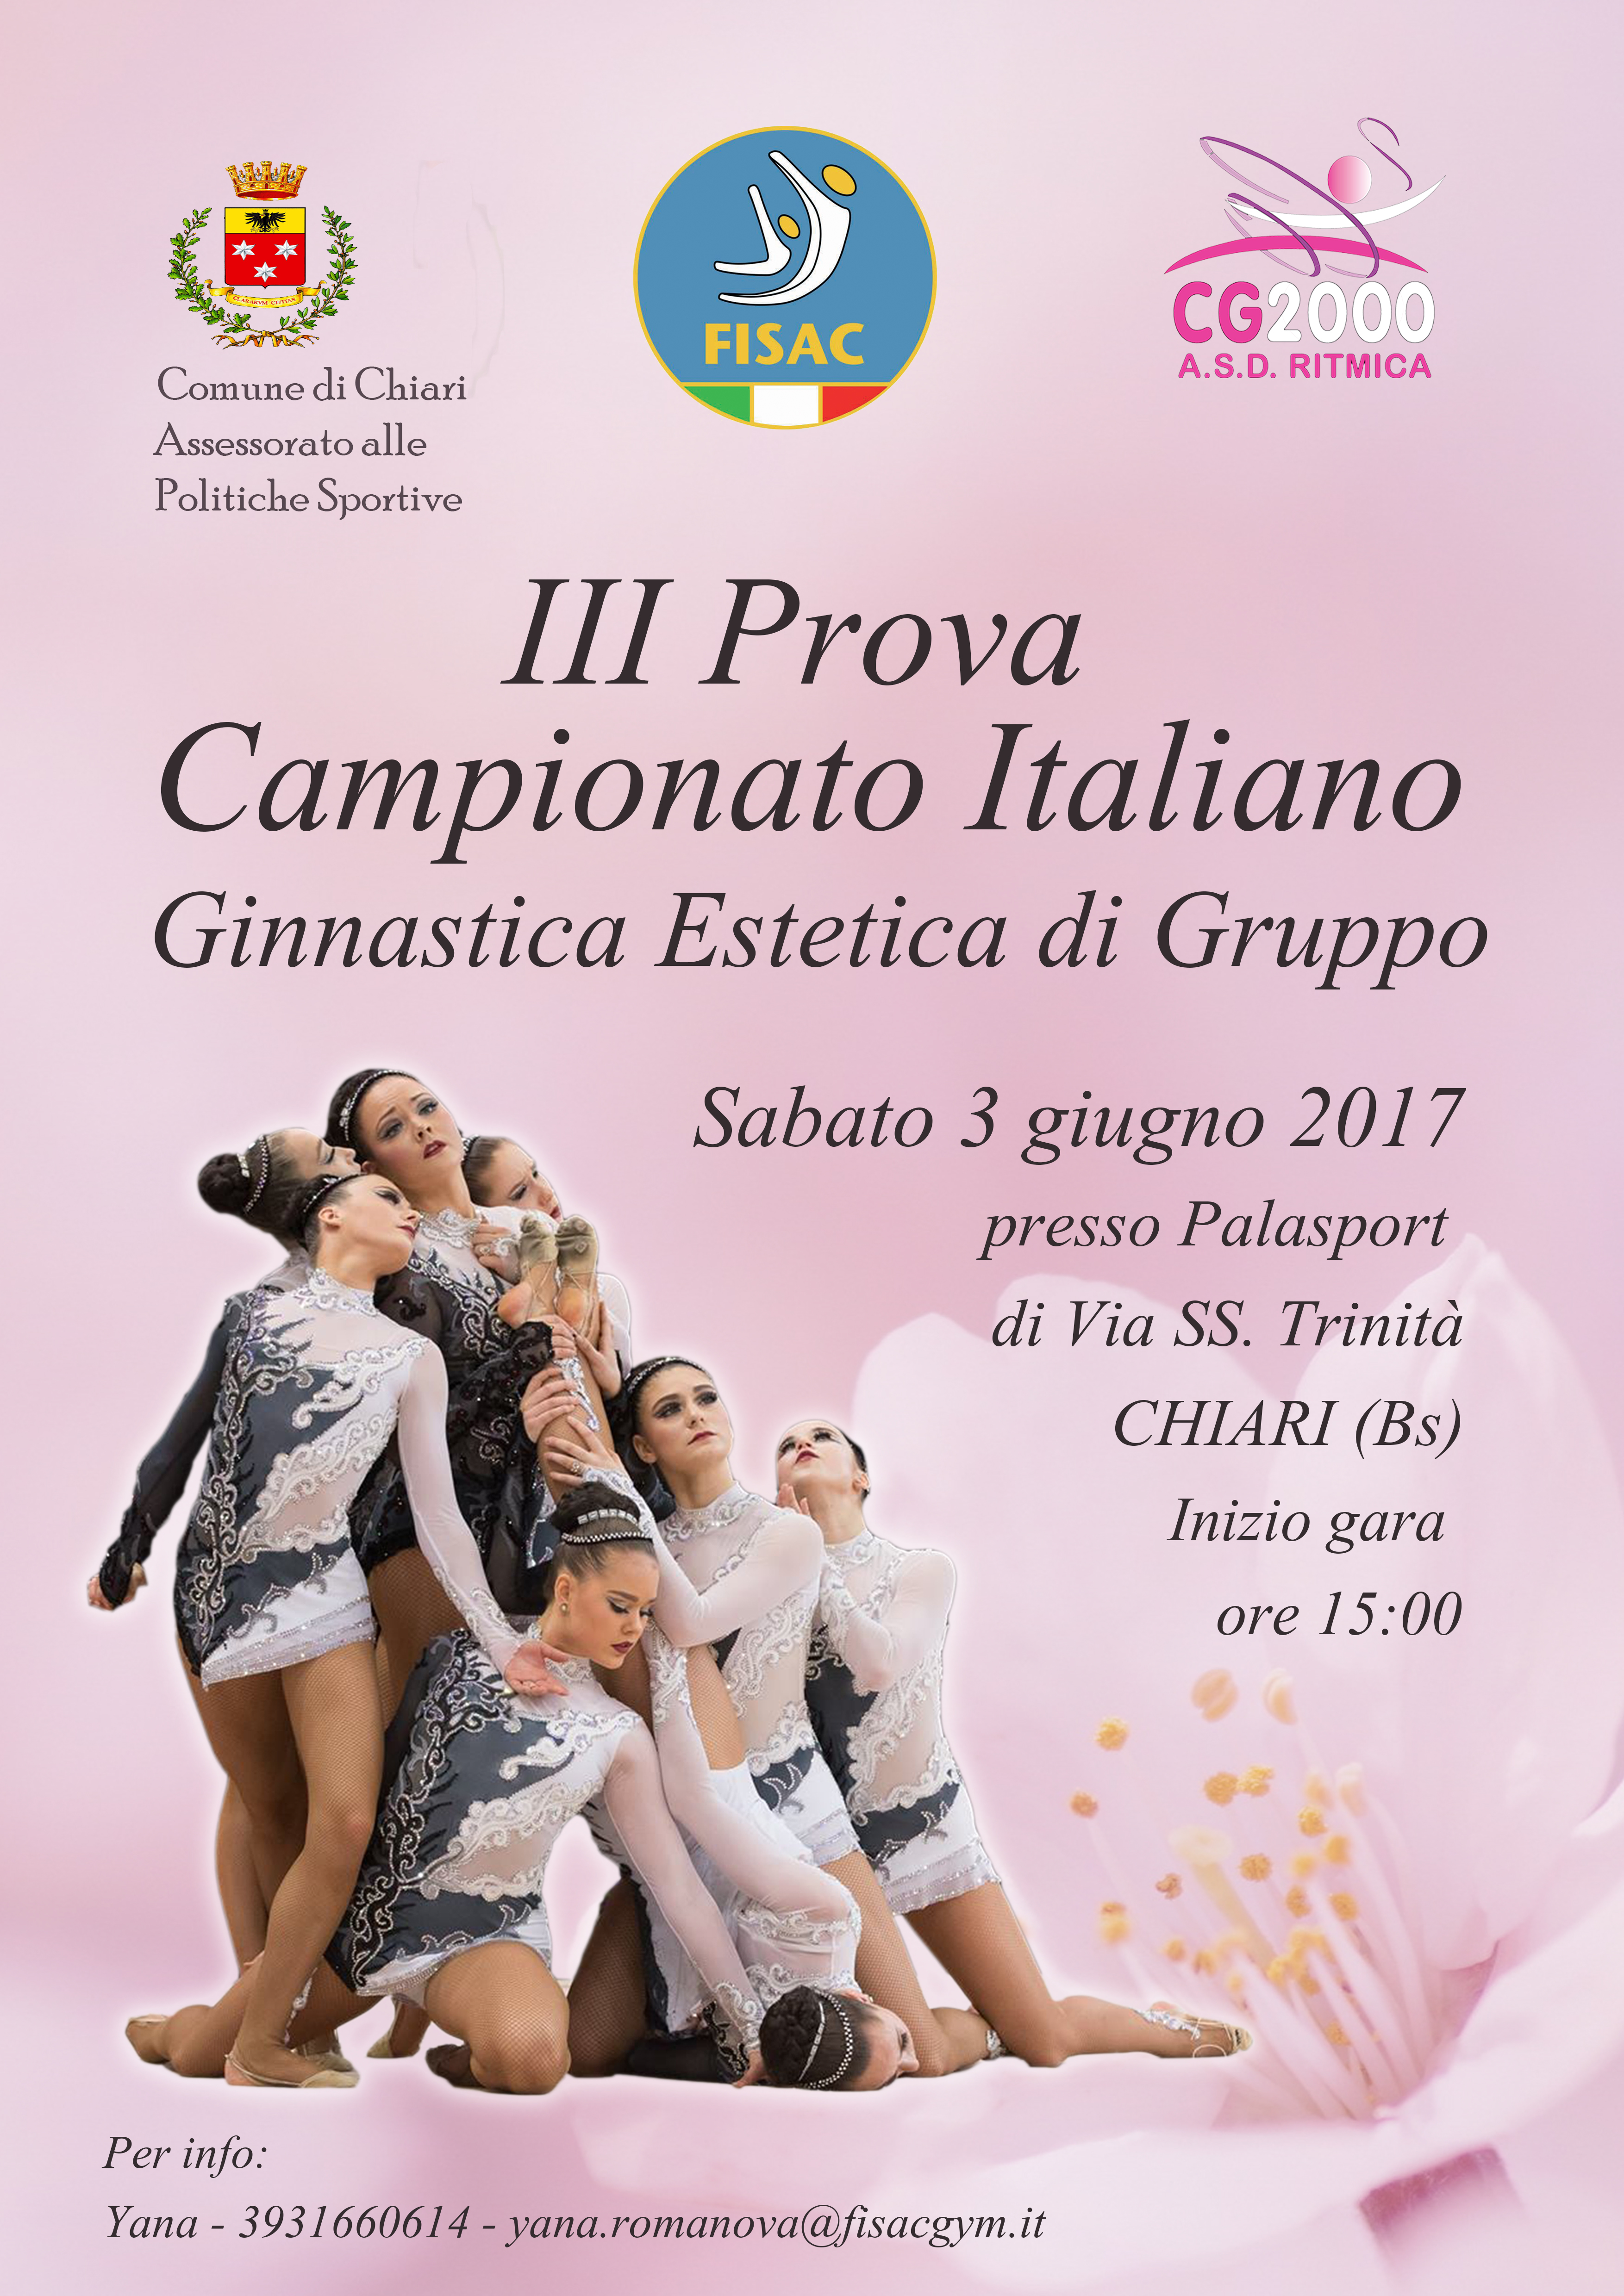 Estetica2017 III Prova Campionato Nazionale- Chiari (1)